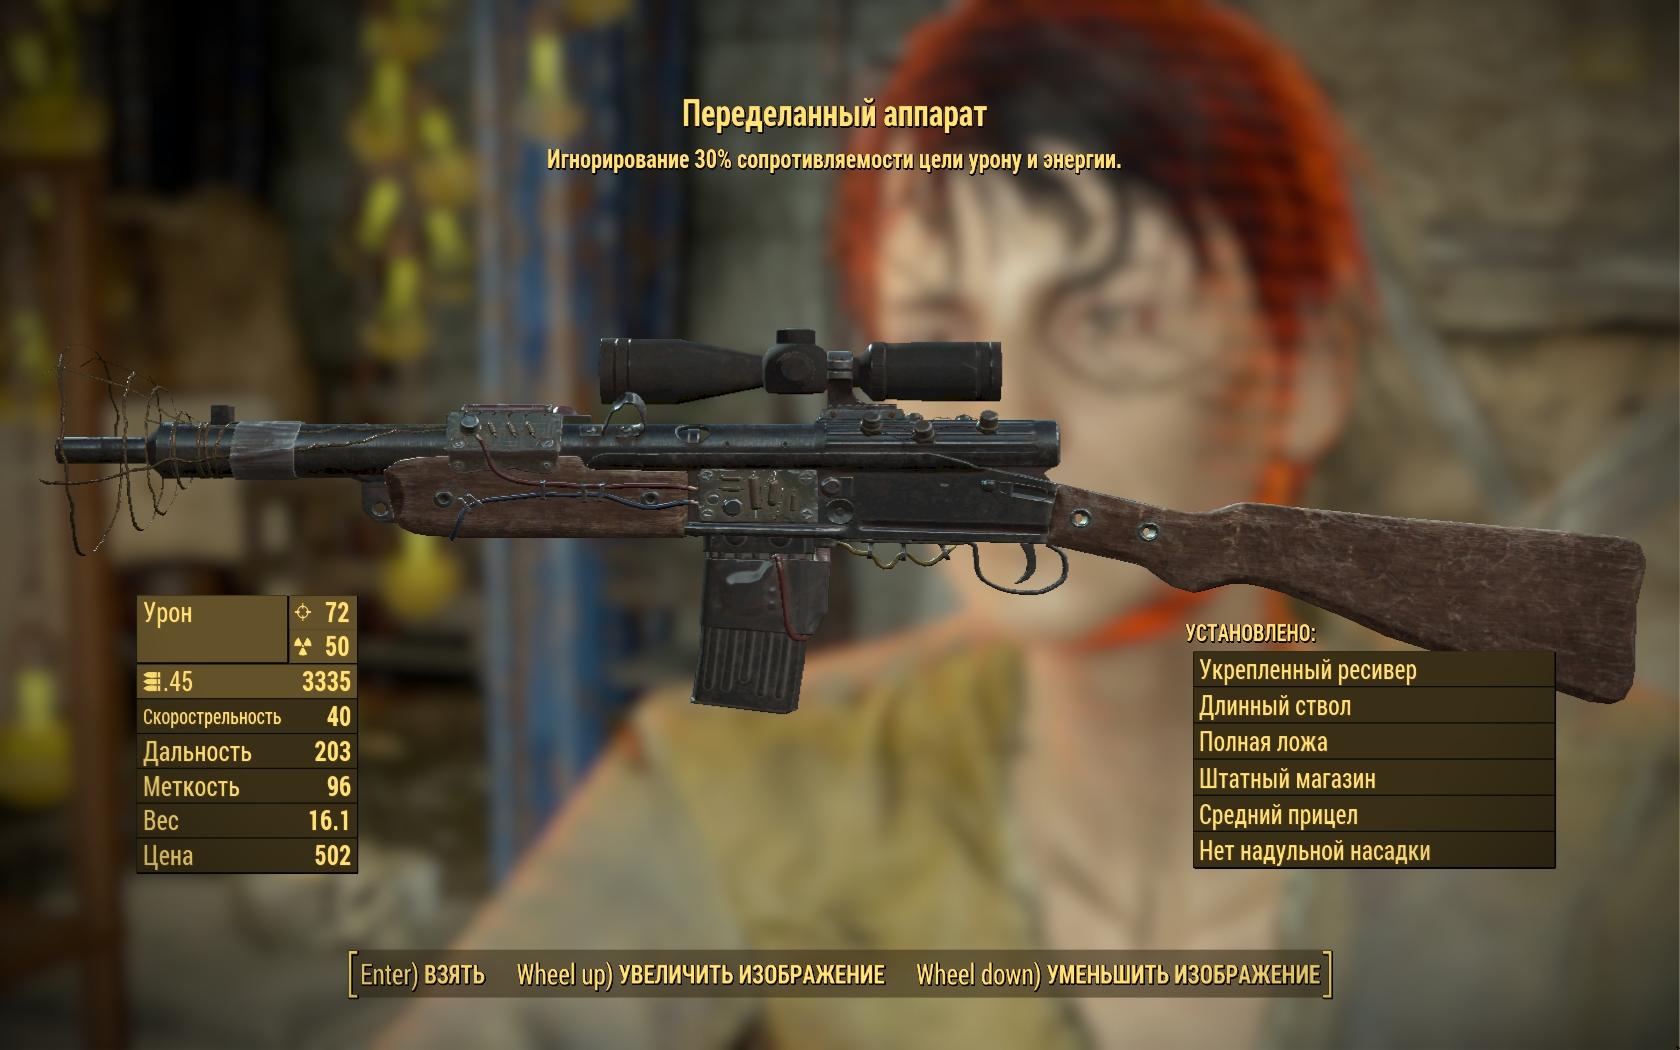 Переделанный аппарат (Фар-Харбор, подарок Сестры Мэй) - Fallout 4 Мэй, Оружие, Переделанный аппарат, подарок, Сестра, Сестра Мэй